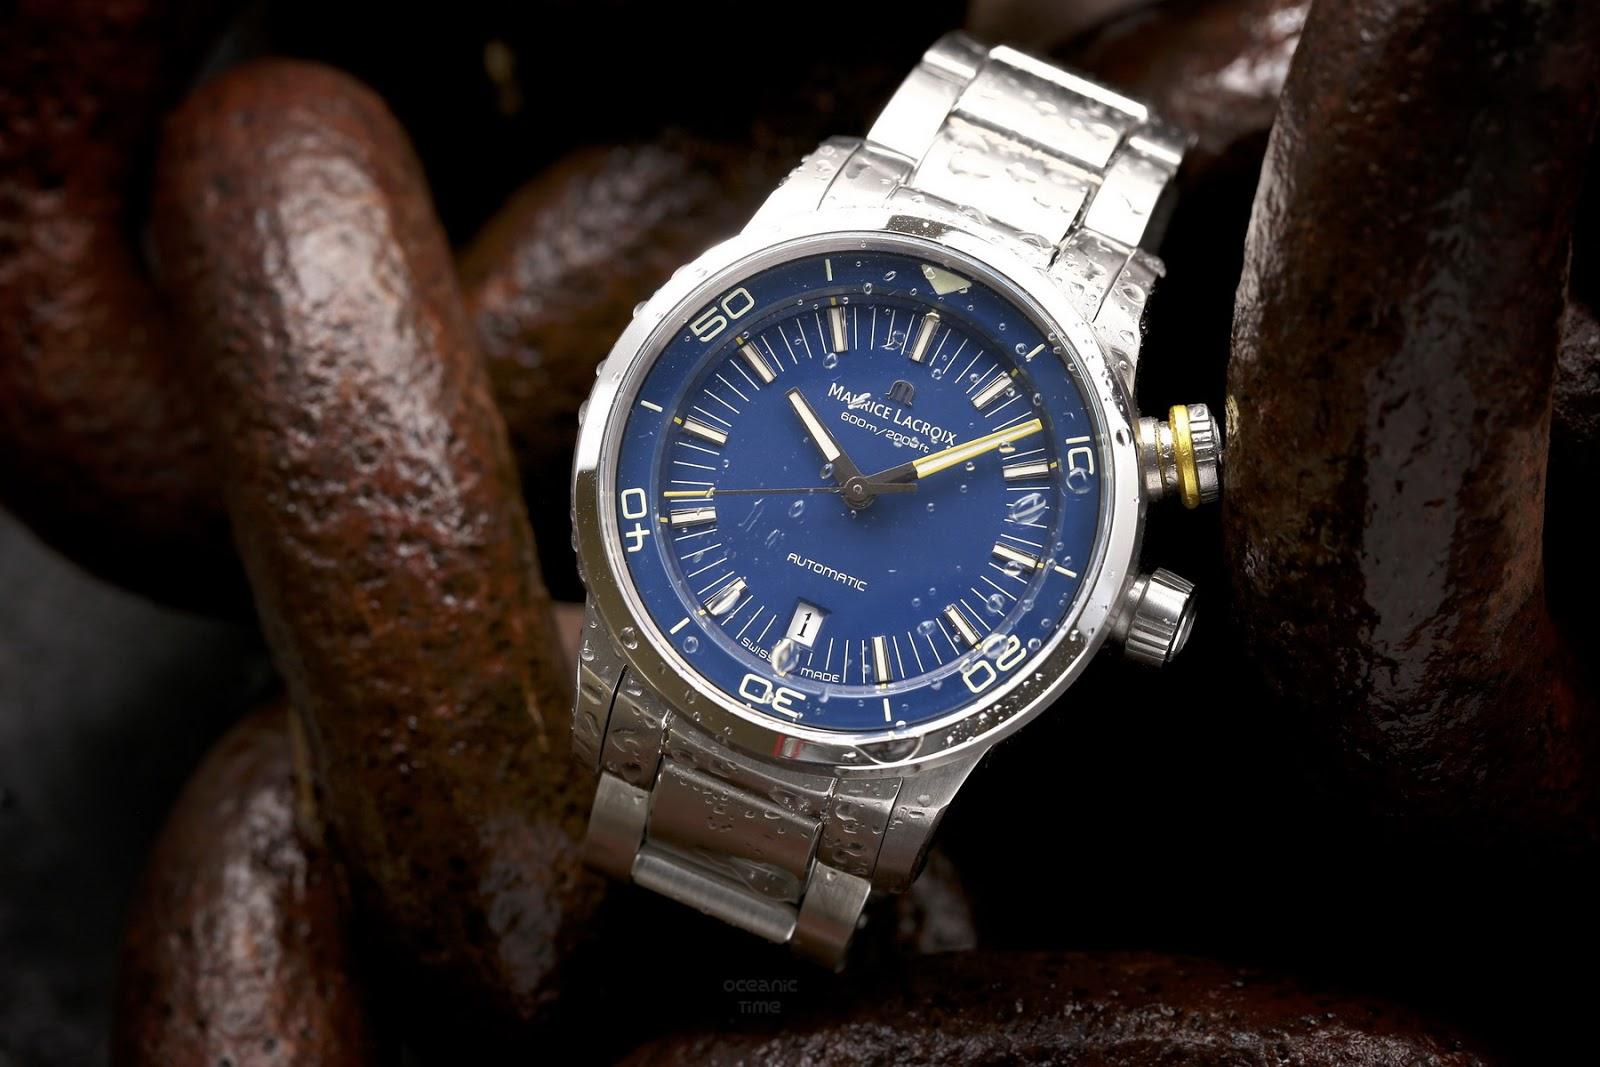 Maurice La Croix Pontos S Blue Devil MAURICE%2BLACROIX%2BPontos%2BS%2BDiver%2BBLUE%2BDEVIL%2BLE%2B02